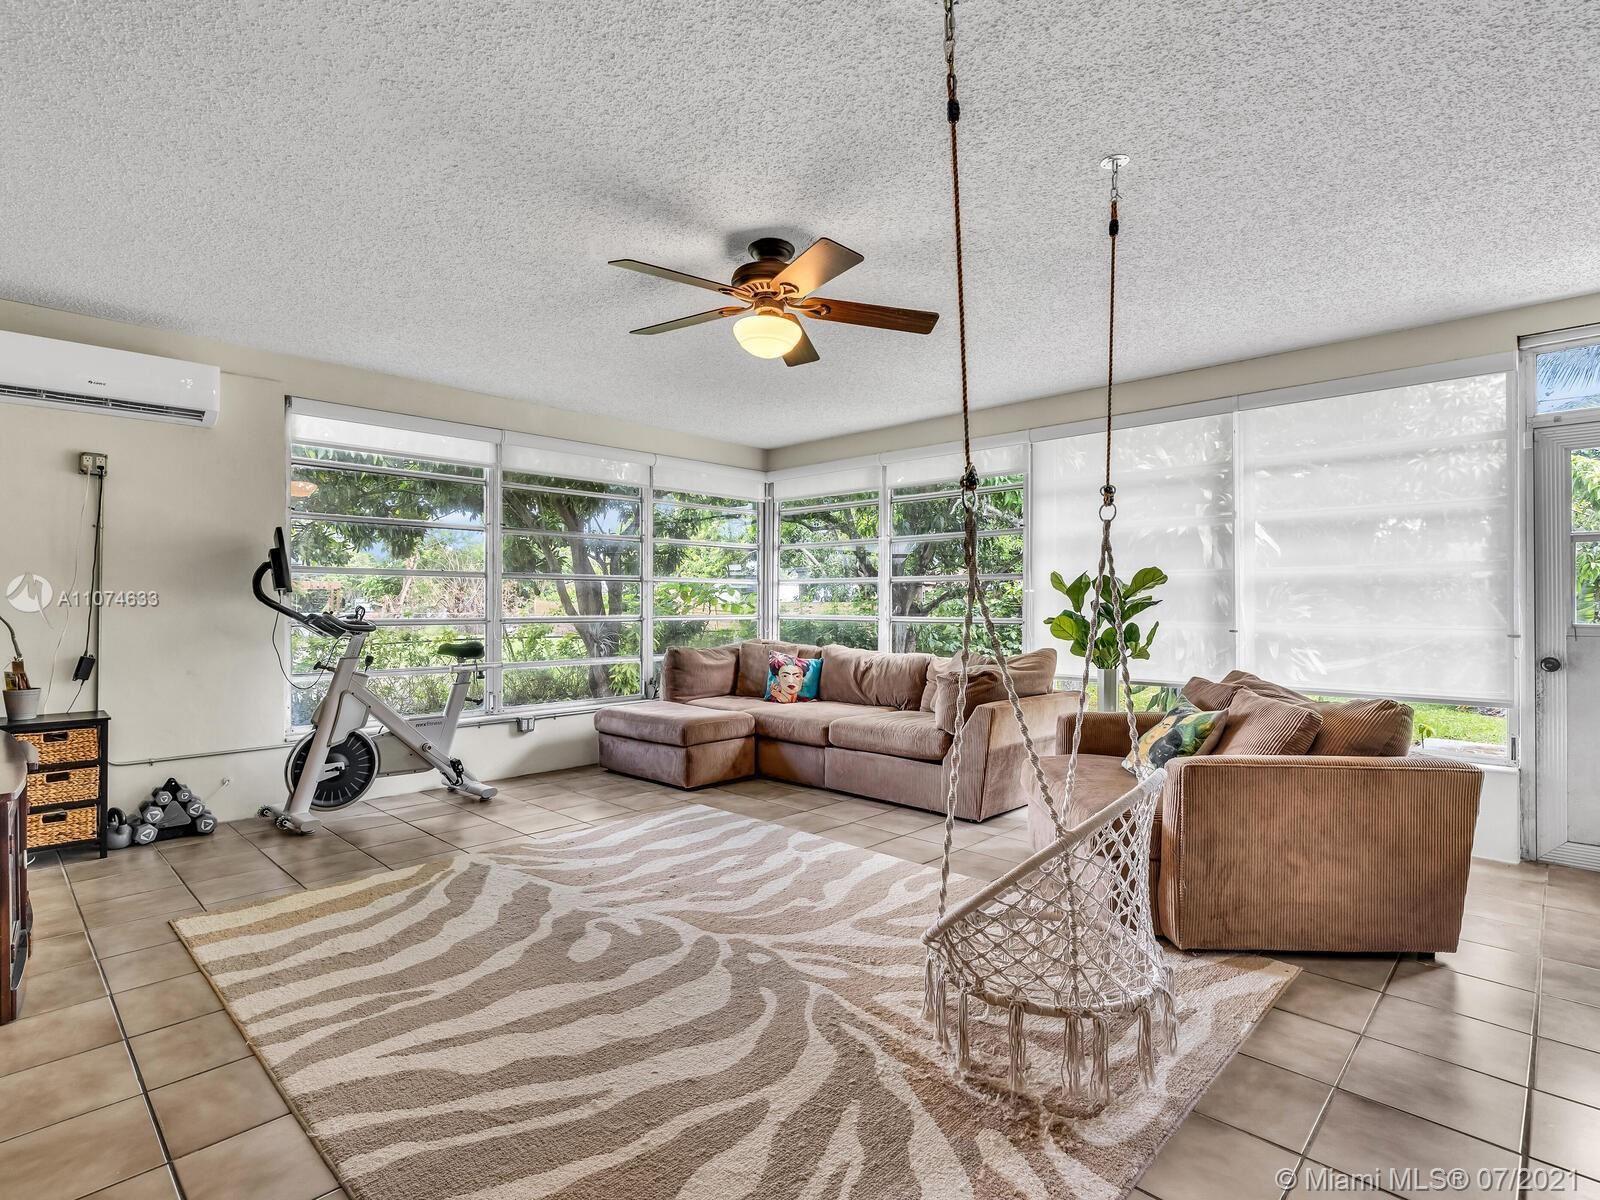 Photo of 1120 NE 136th St, North Miami, FL 33161 (MLS # A11074633)